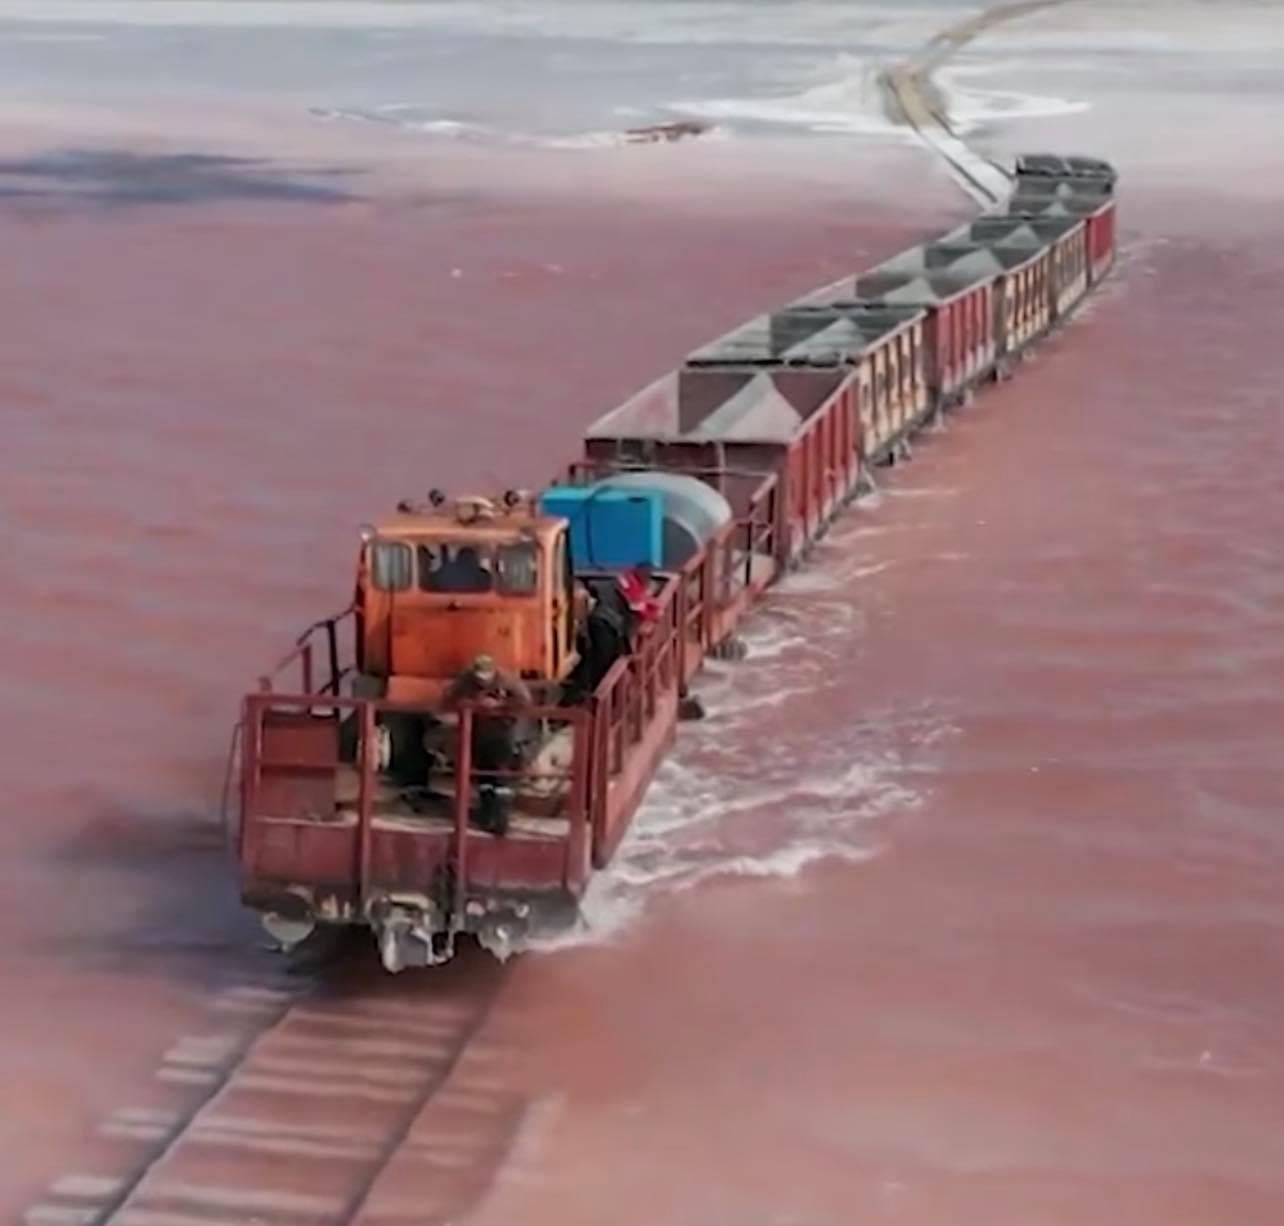 Ένα τρένο διασχίζει τη λίμνη! Οφθαλμαπάτη ή αλήθεια; Η λίμνη της Σιβηρίας που αλλάζει χρώμα το καλοκαίρι και φιλοξενεί τη γαρίδα με τα 3 μάτια